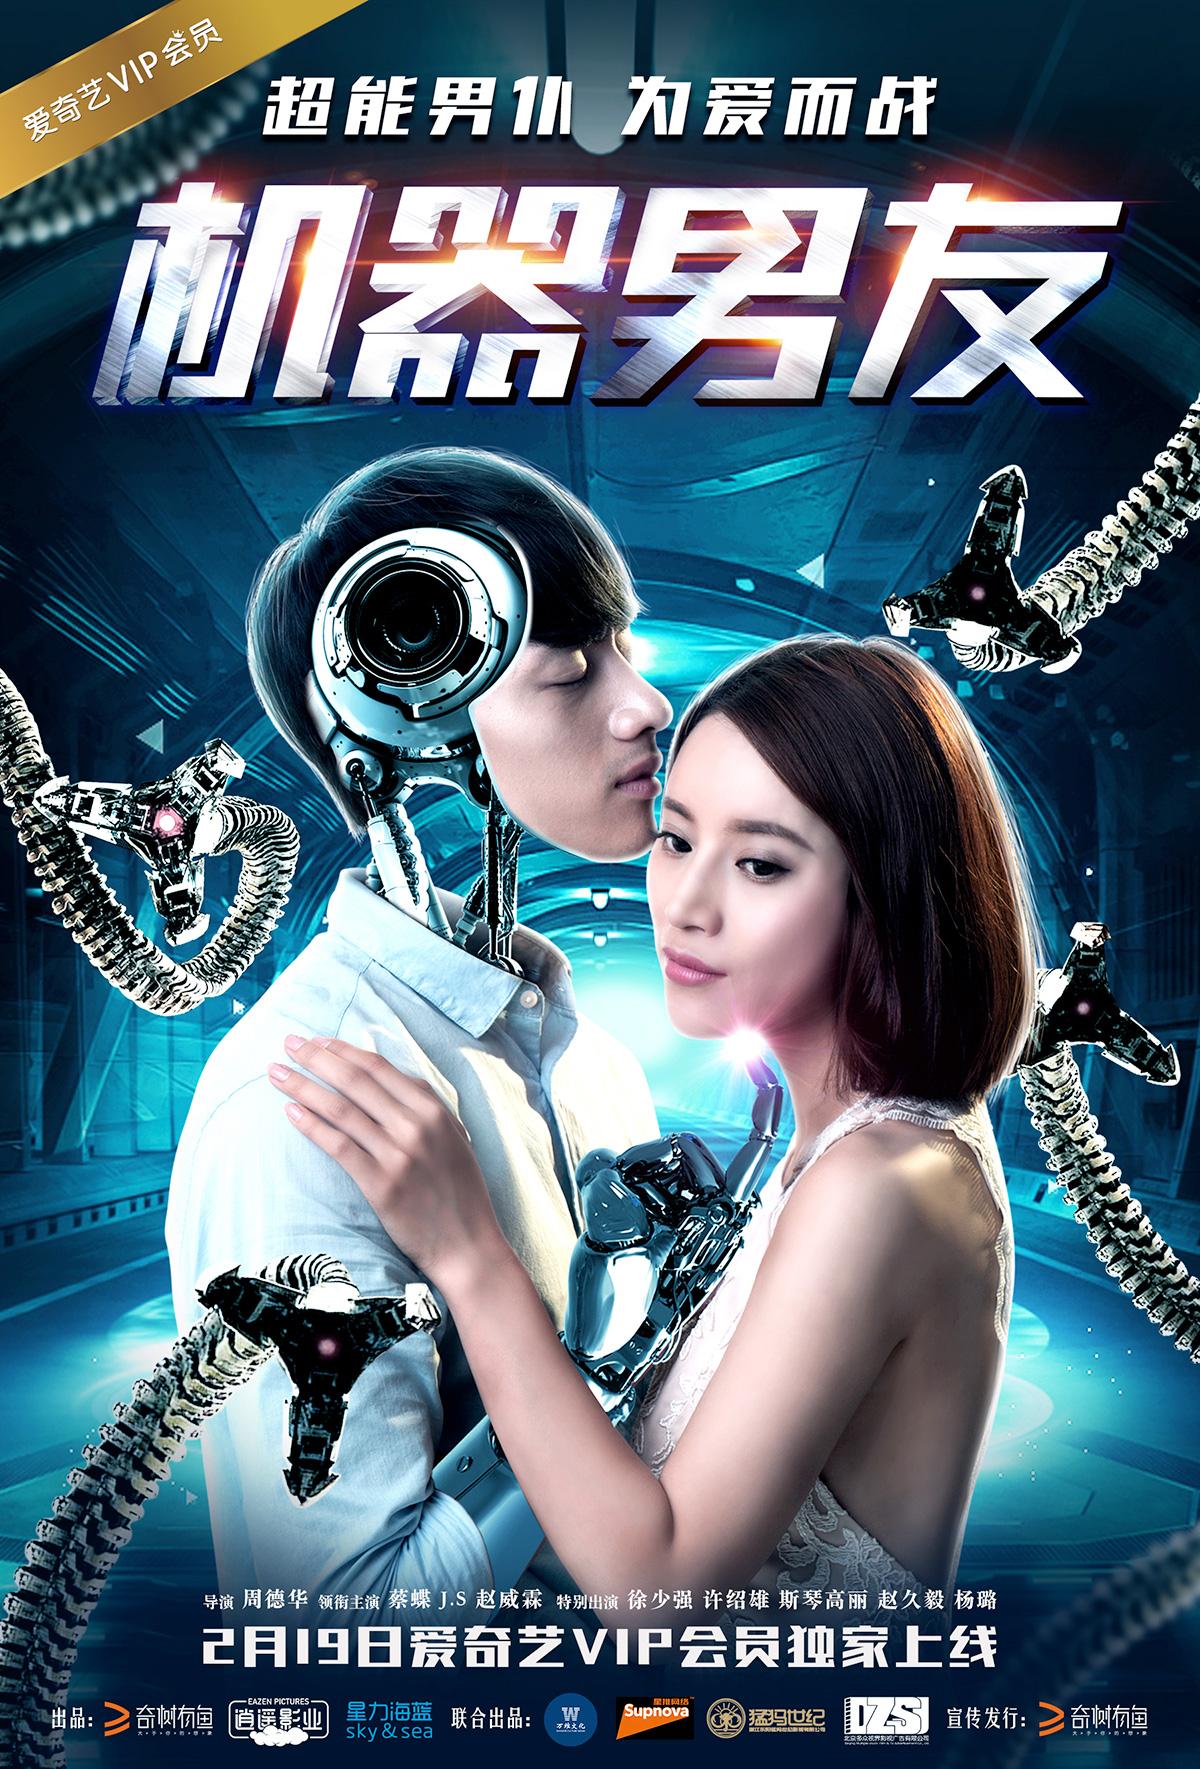 《机器男友》智能男宠,科幻真情,谁说机器不懂爱 - 狐狸·梦见乌鸦 - 埋骨之地